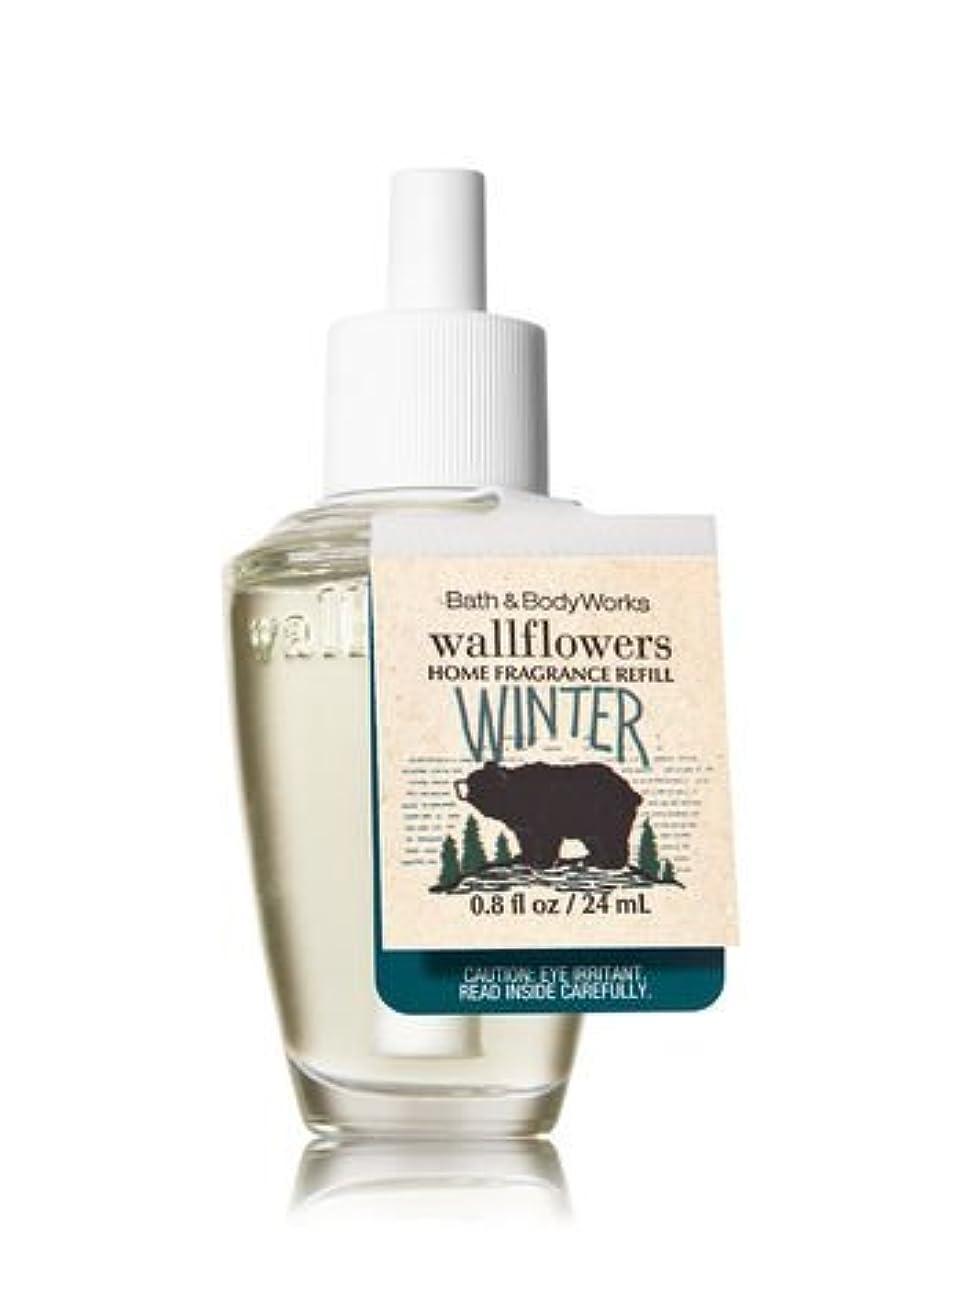 入る役職おもちゃ【Bath&Body Works/バス&ボディワークス】 ルームフレグランス 詰替えリフィル ウィンター Wallflowers Home Fragrance Refill Winter [並行輸入品]